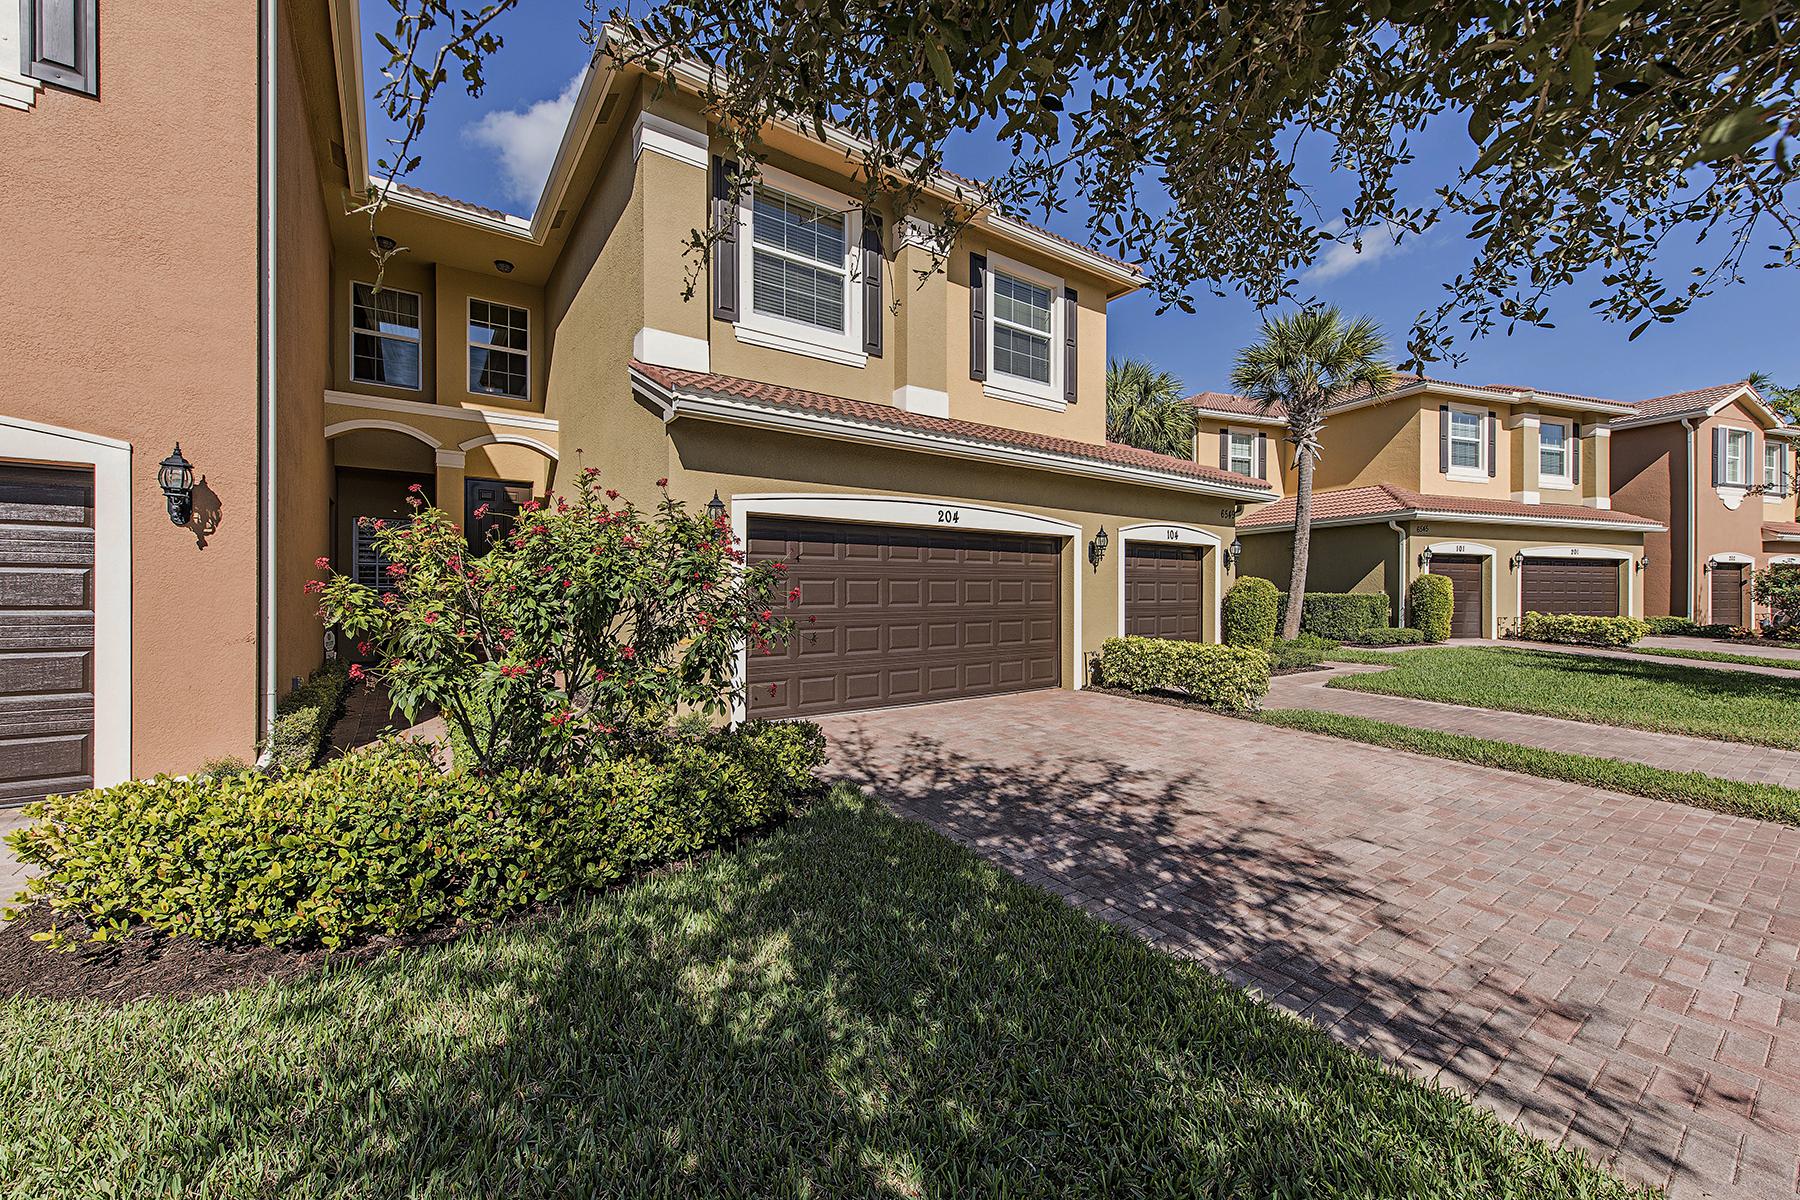 Кондоминиум для того Продажа на MARBELLA LAKES 6549 Monterey Pt 204 Naples, Флорида, 34105 Соединенные Штаты